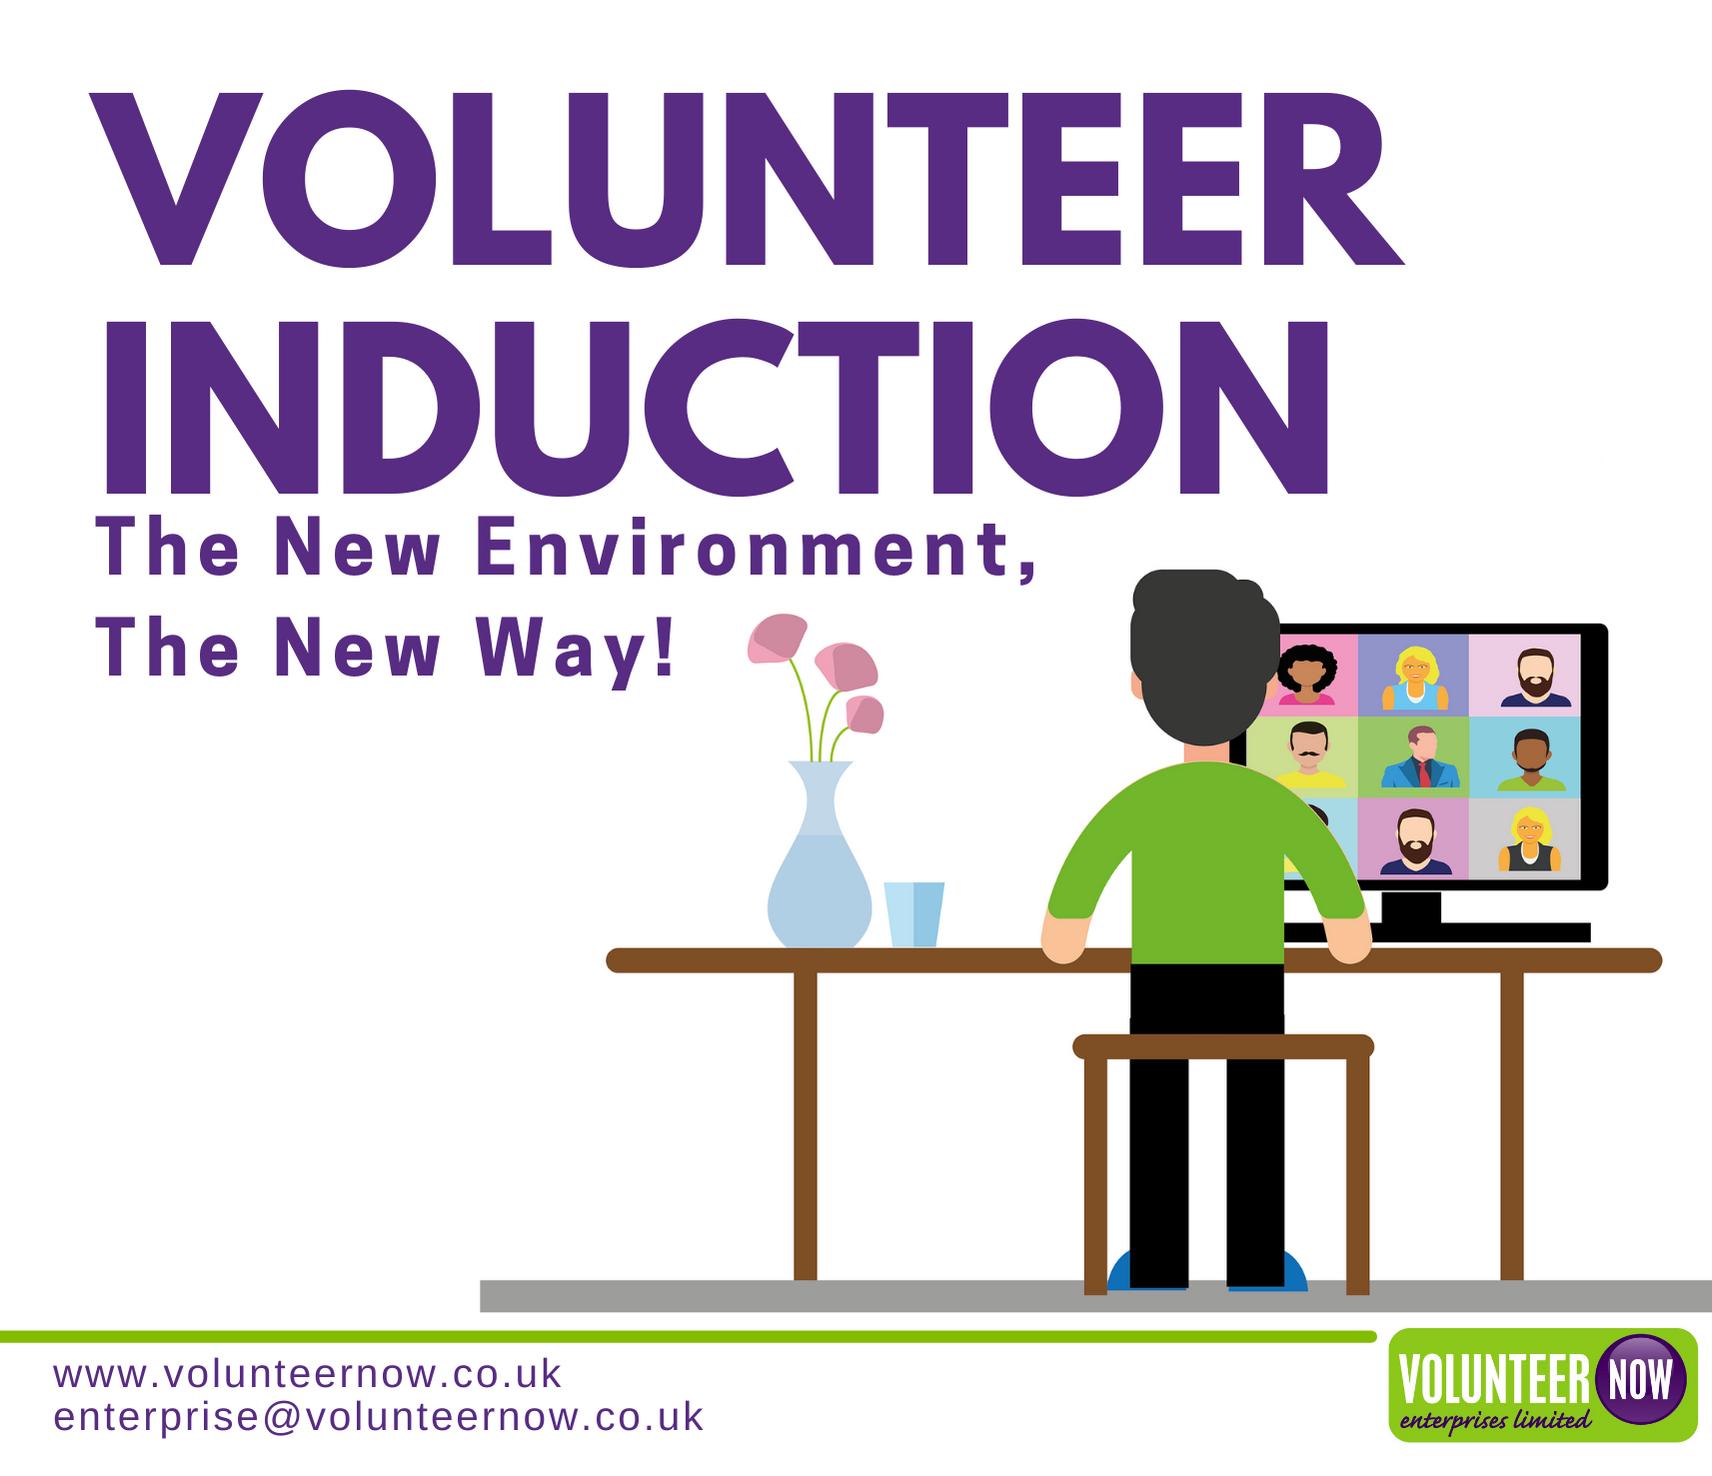 Volunteer Induction